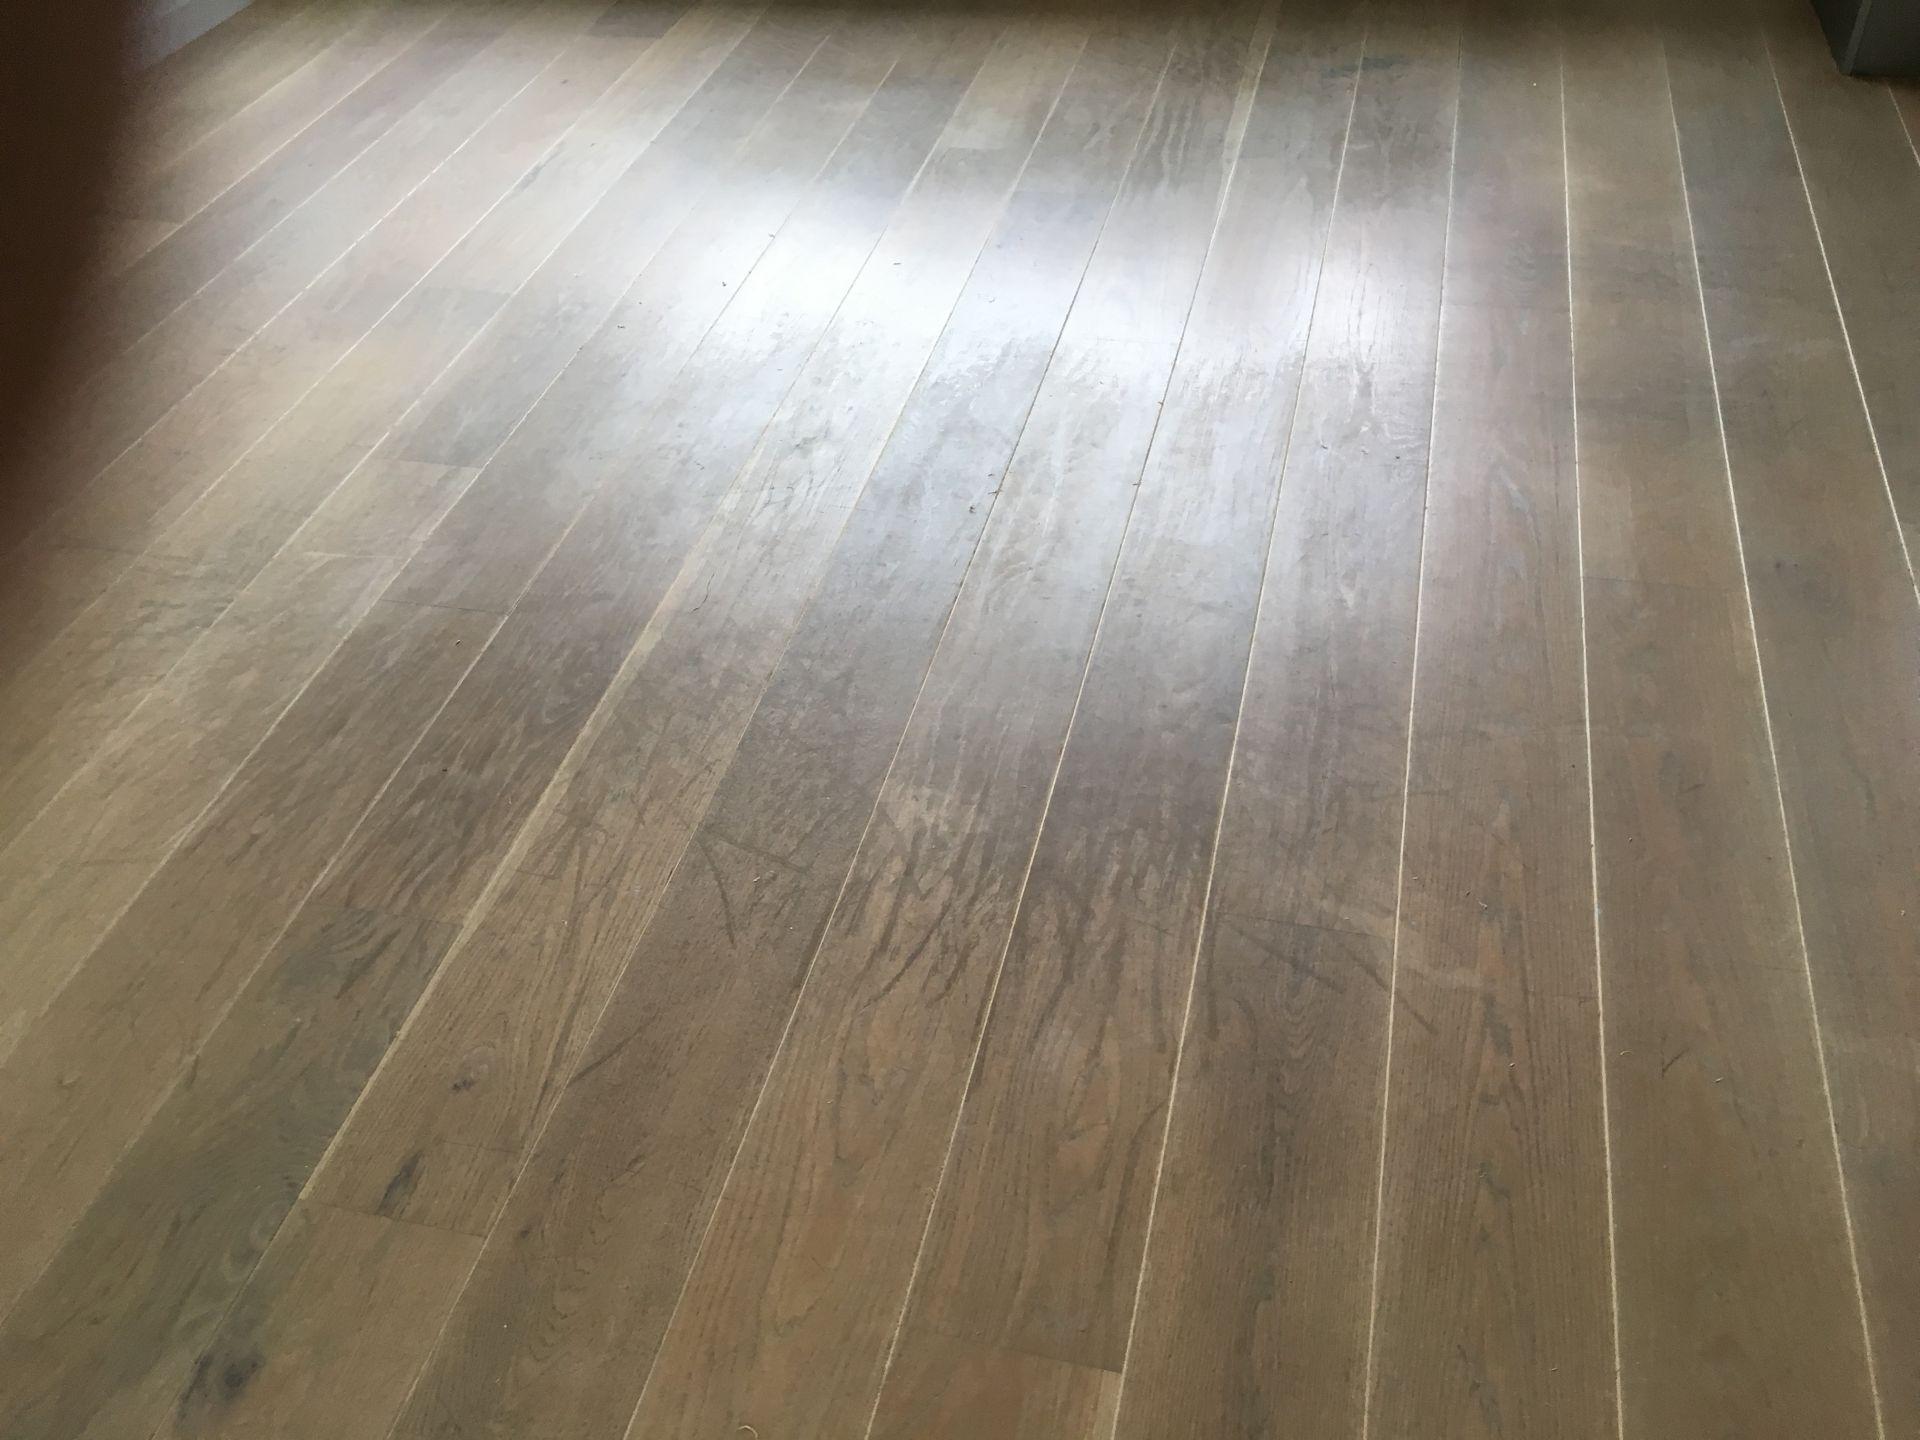 Beschadigde zeer verweerde vloer schuren en olien rubio monocoat kleur smoke.